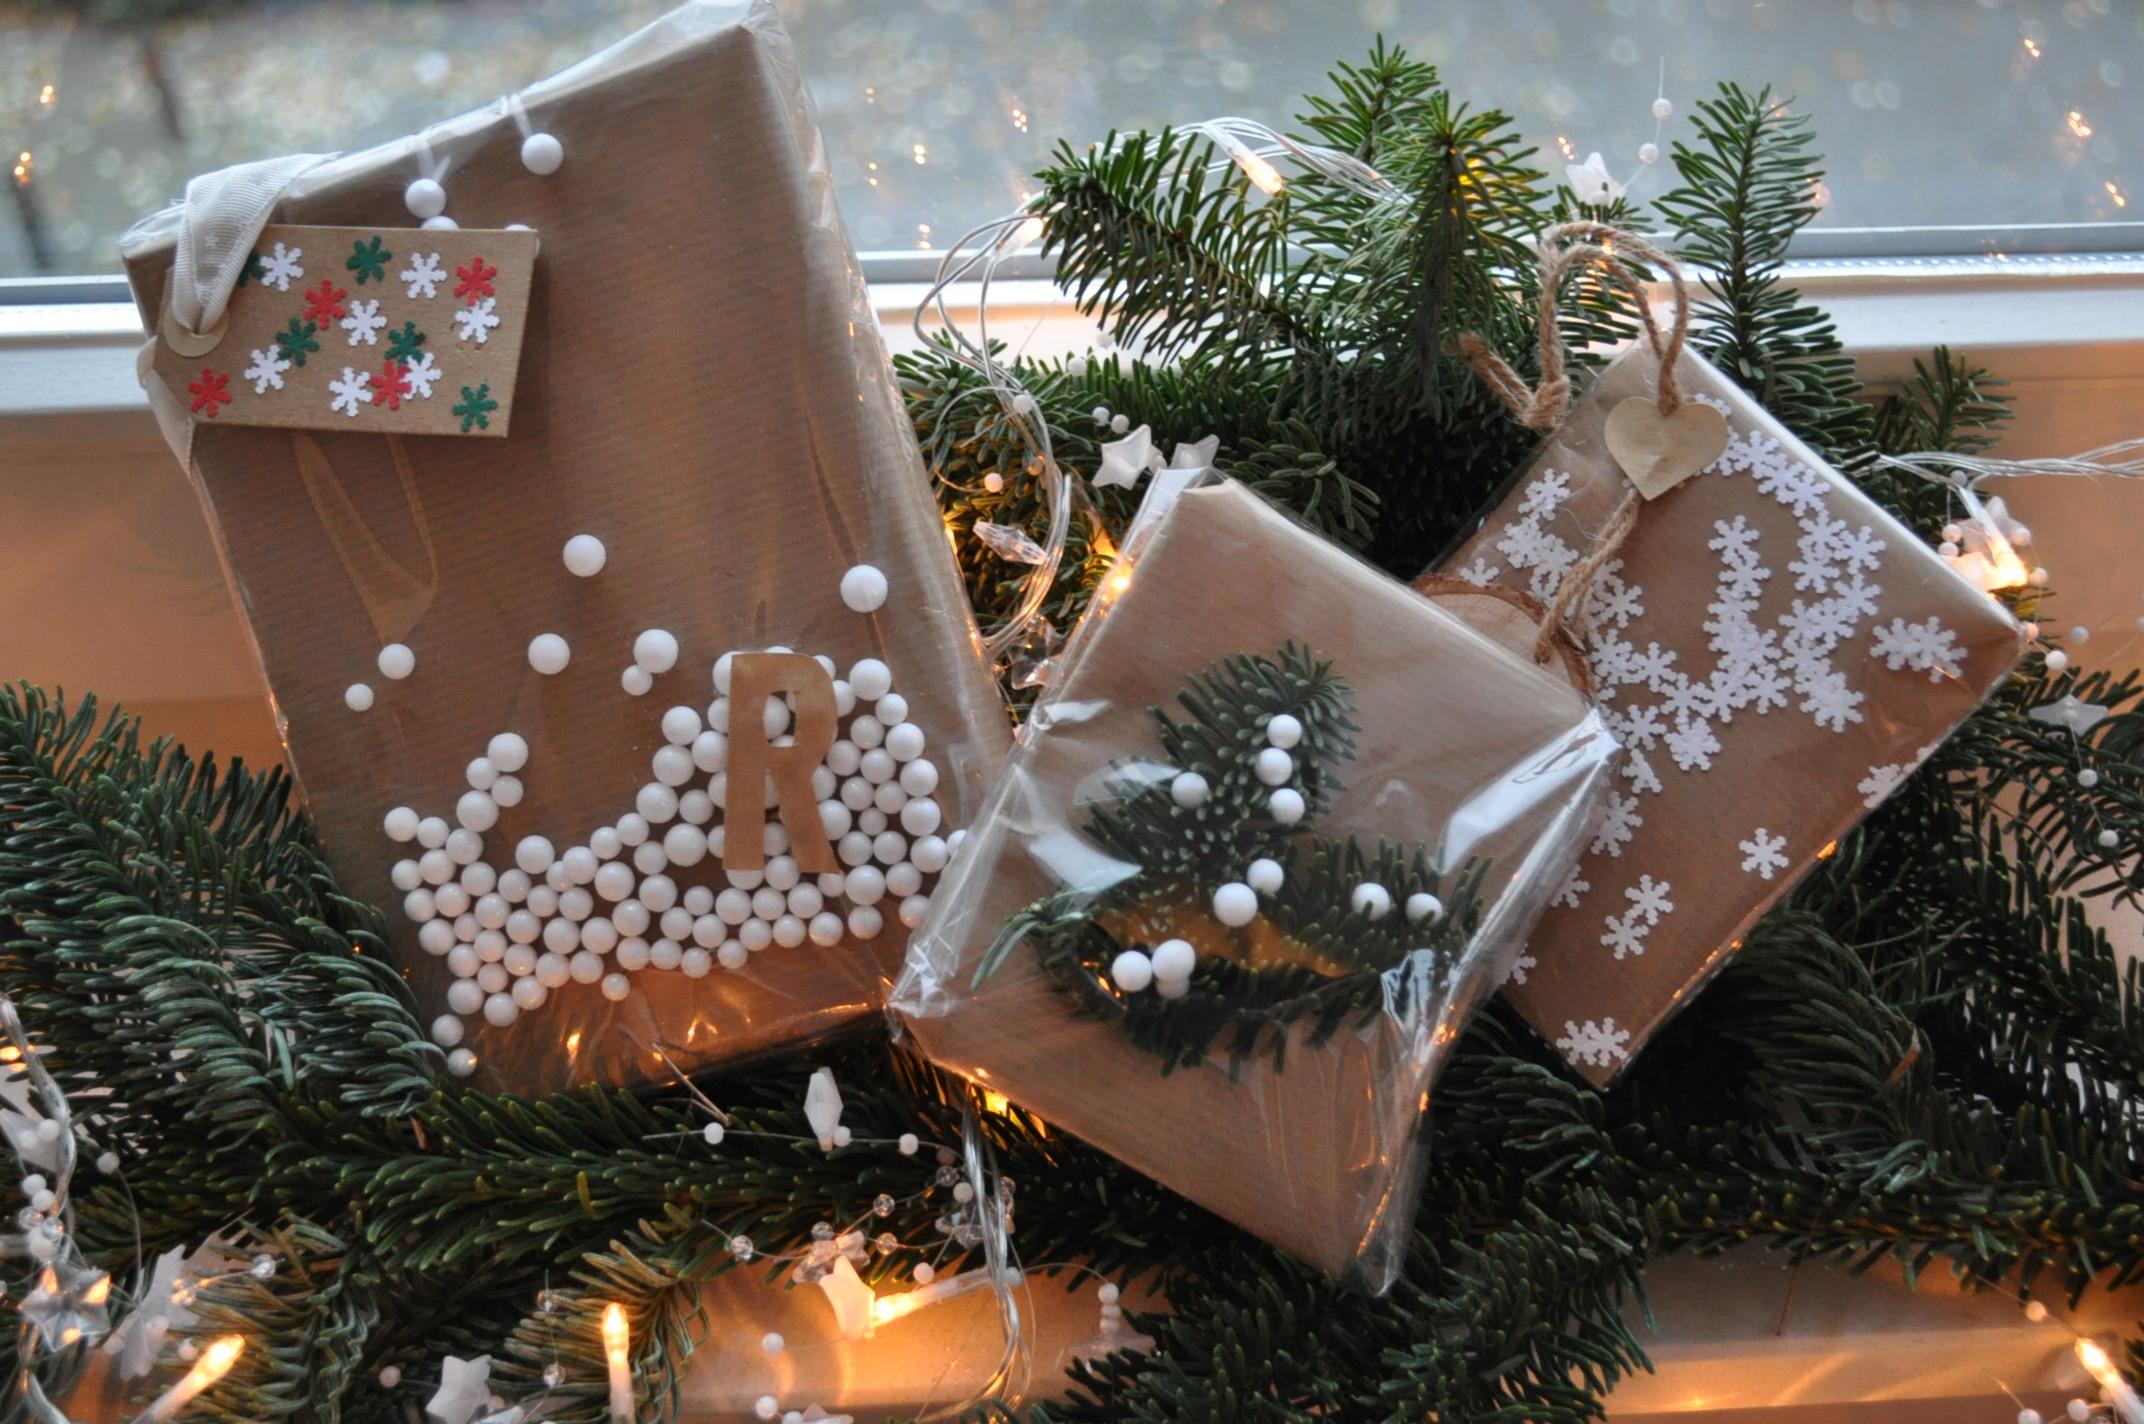 kerstcadeautjes inpakken met bruin papier en doorzichtige folie